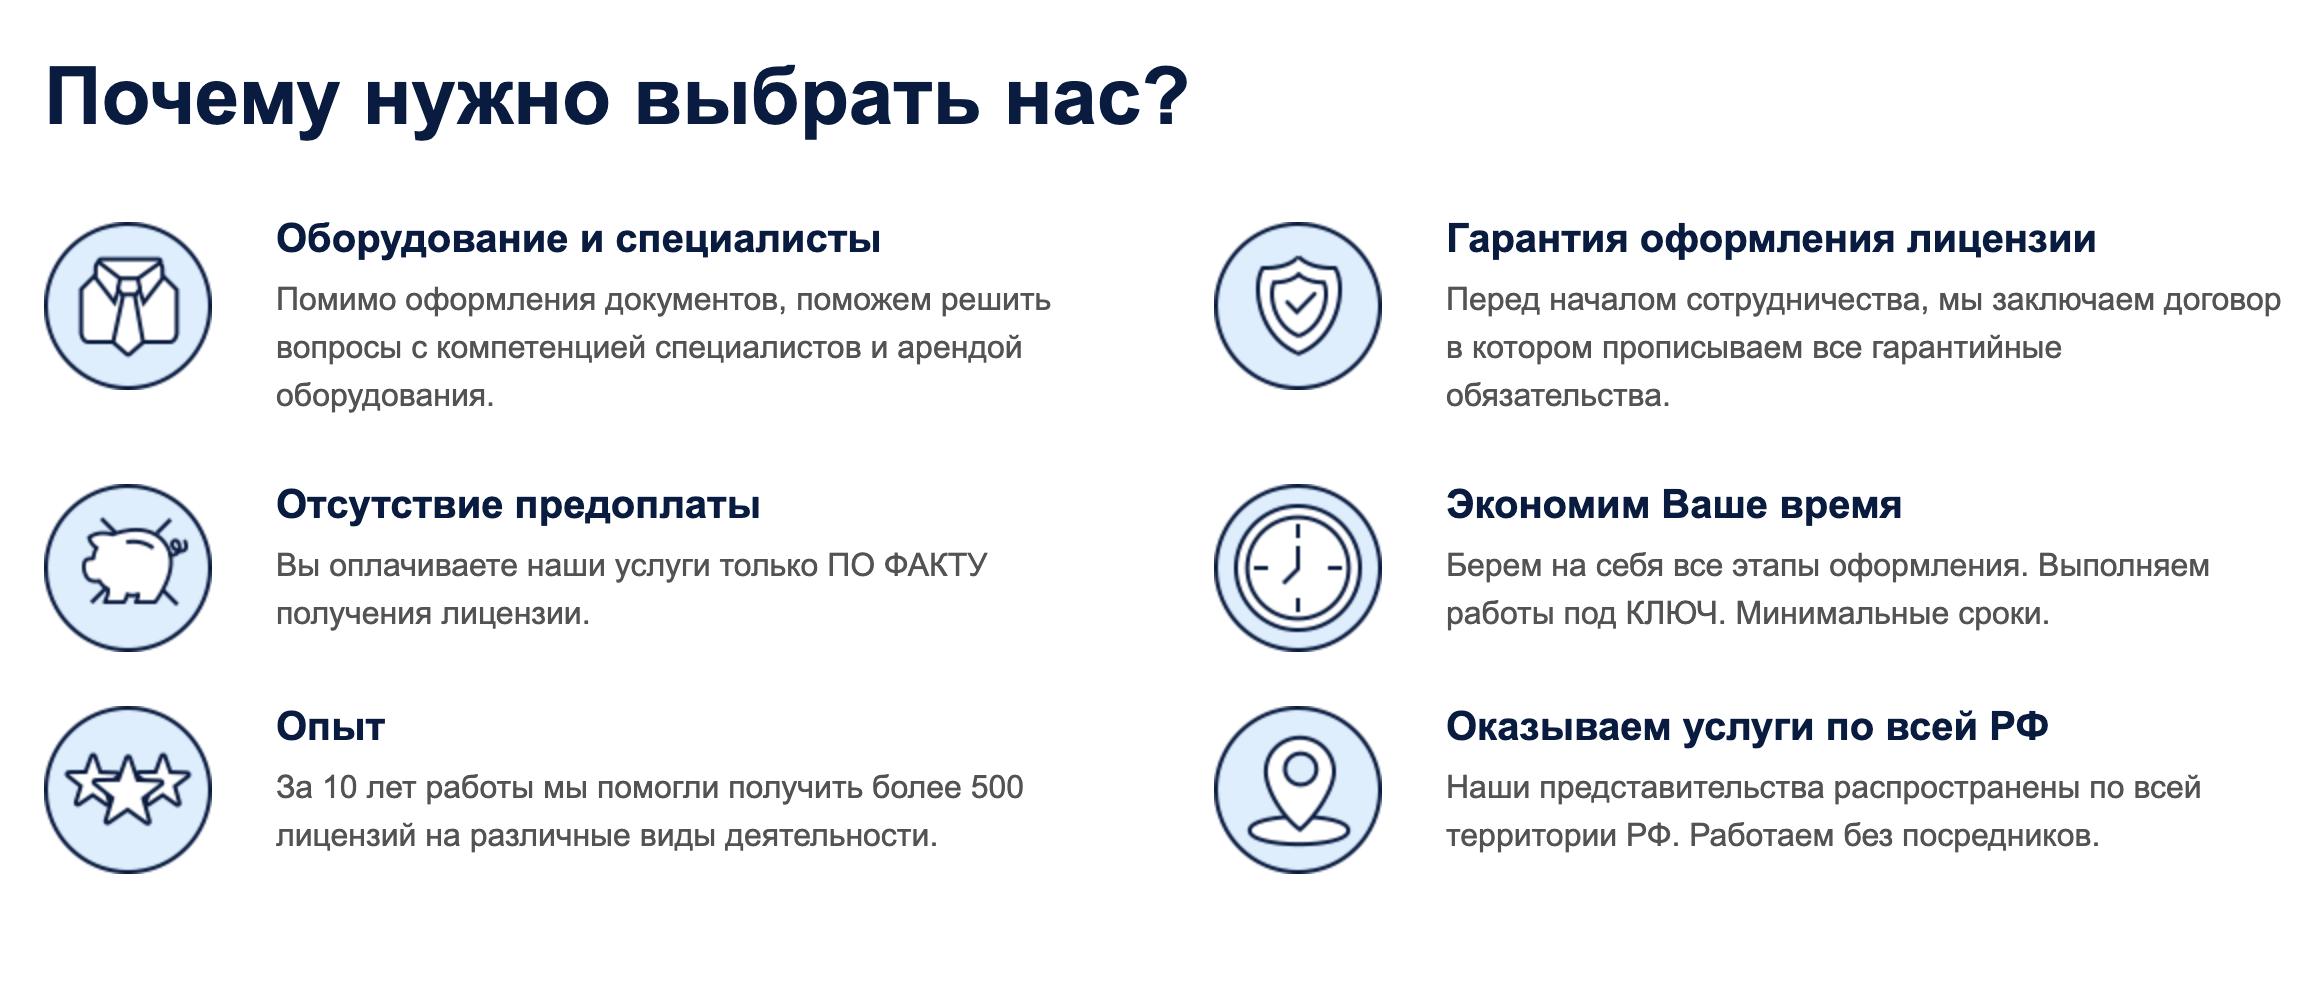 На своем сайте «Паритет» пишет о гарантиях, но в договоре их нет